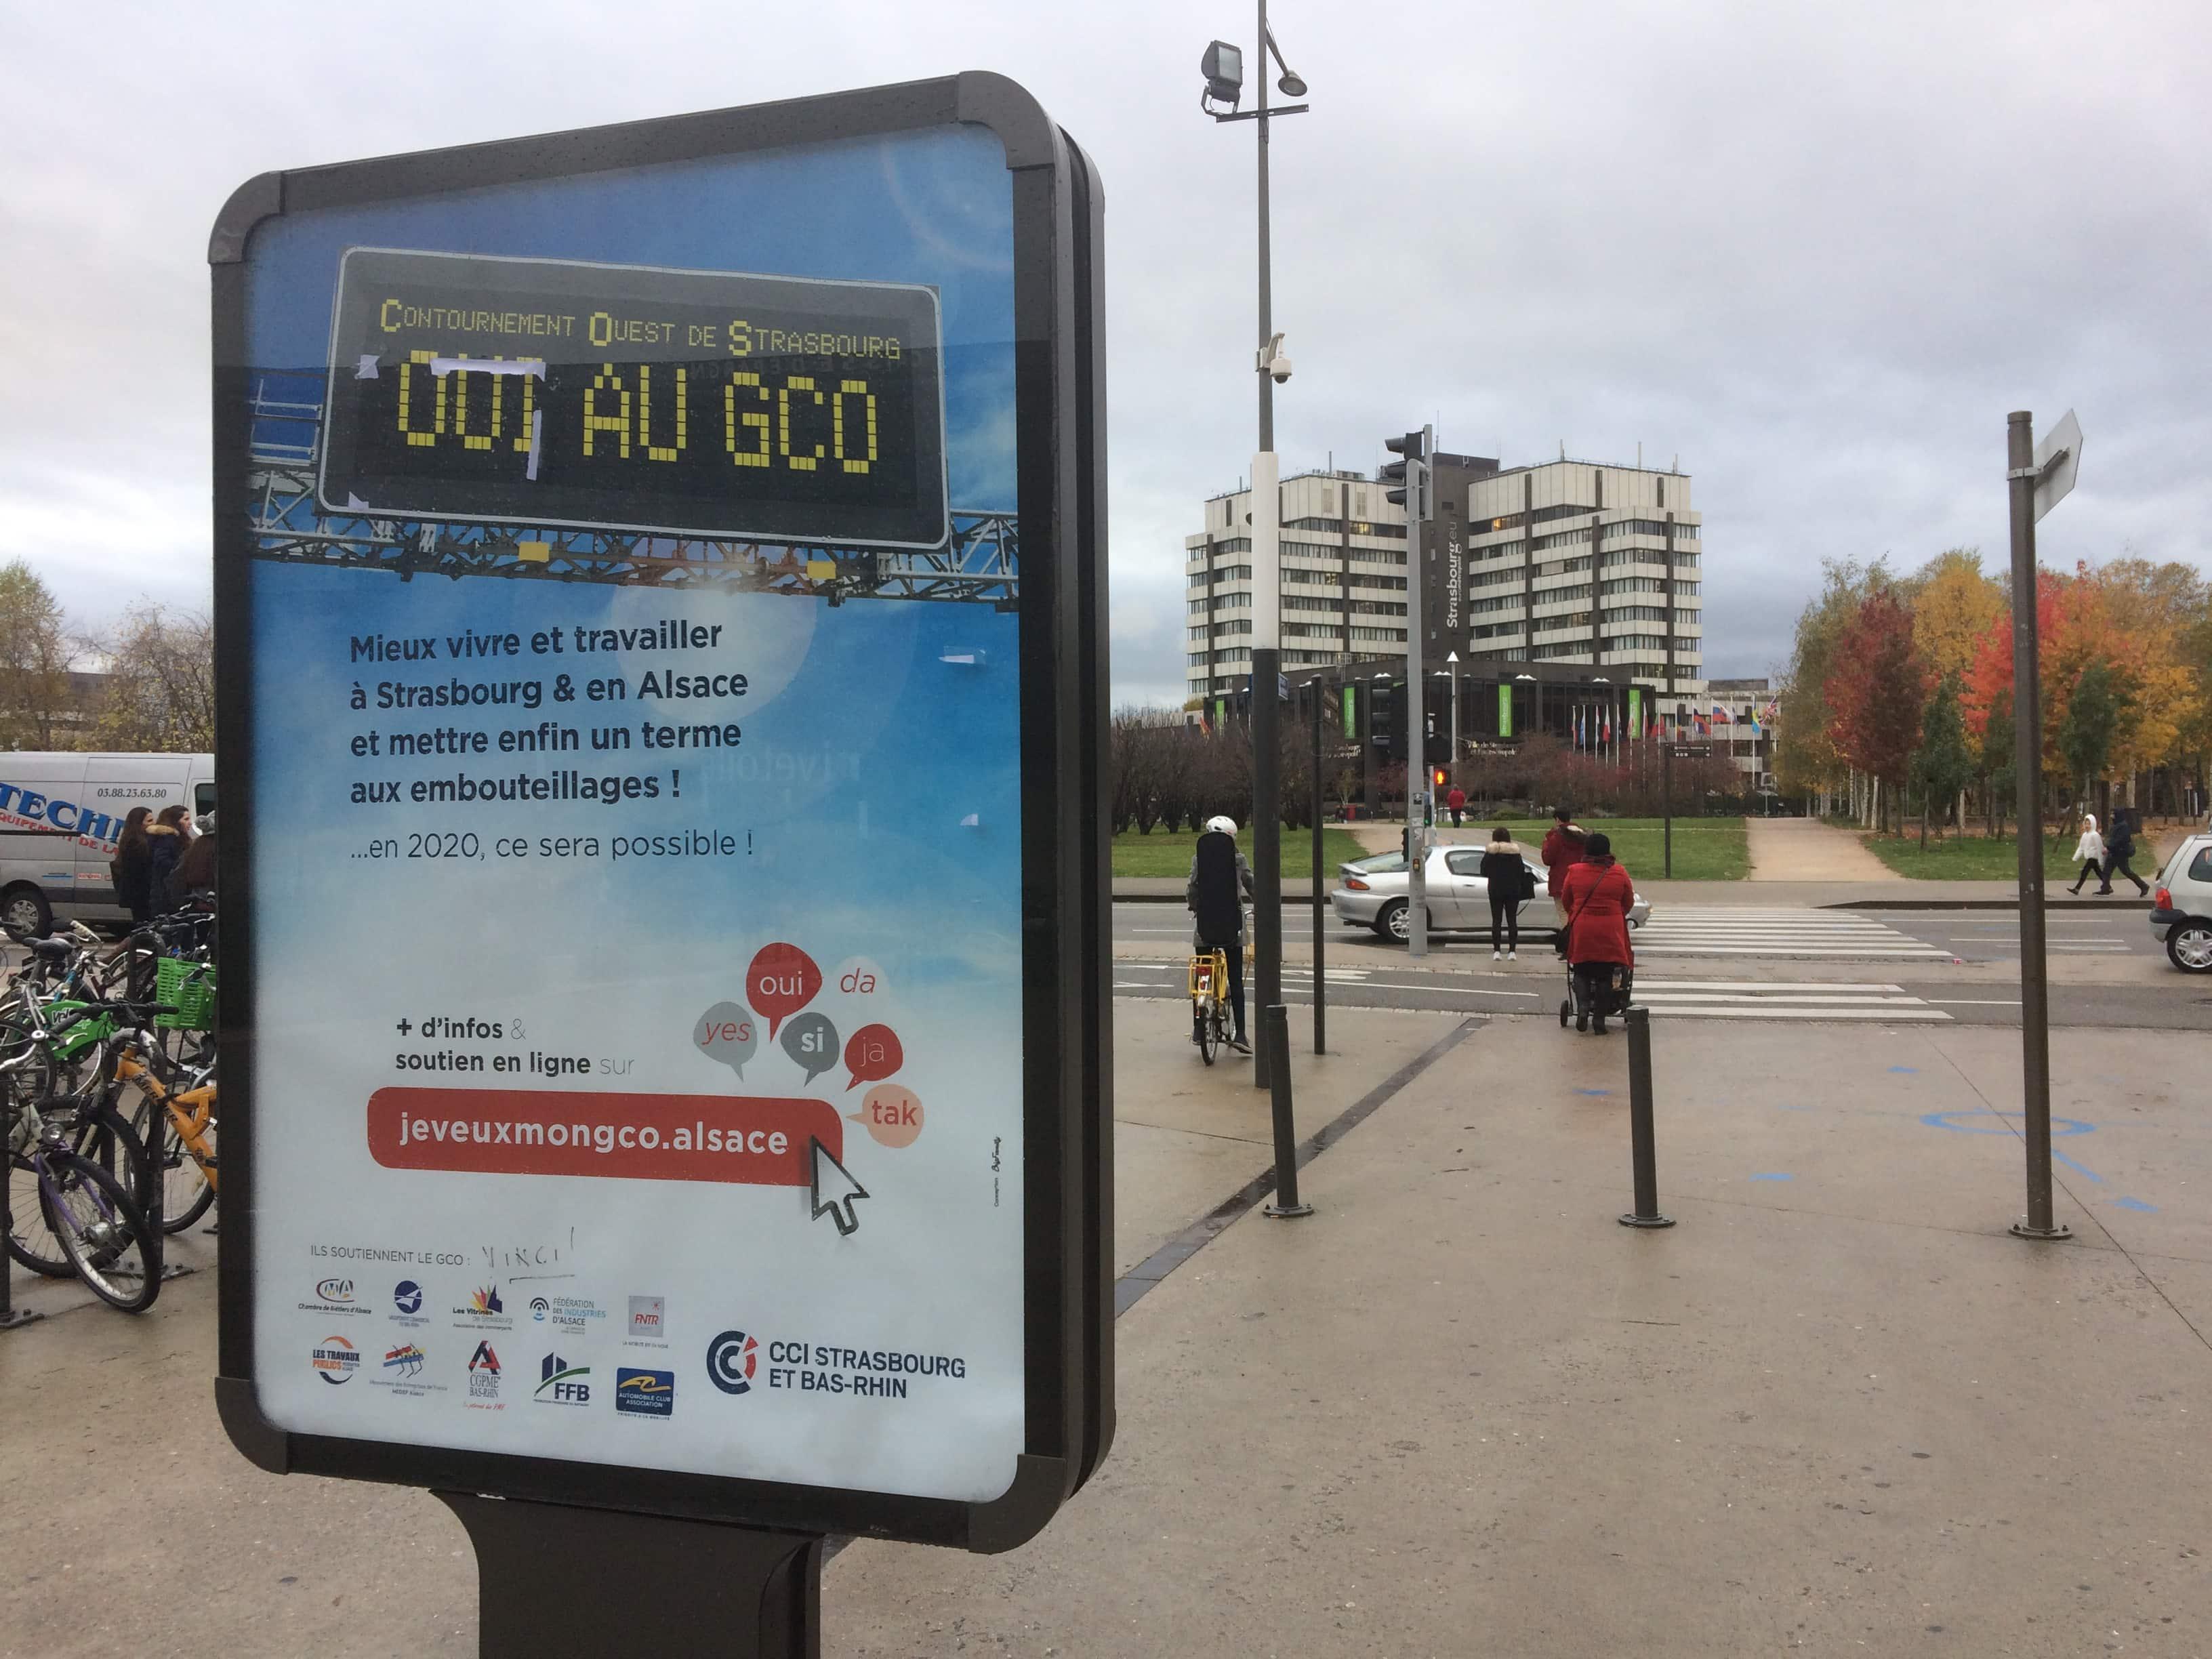 Une pub promet moins de bouchons avec le GCO France Bleu l annule